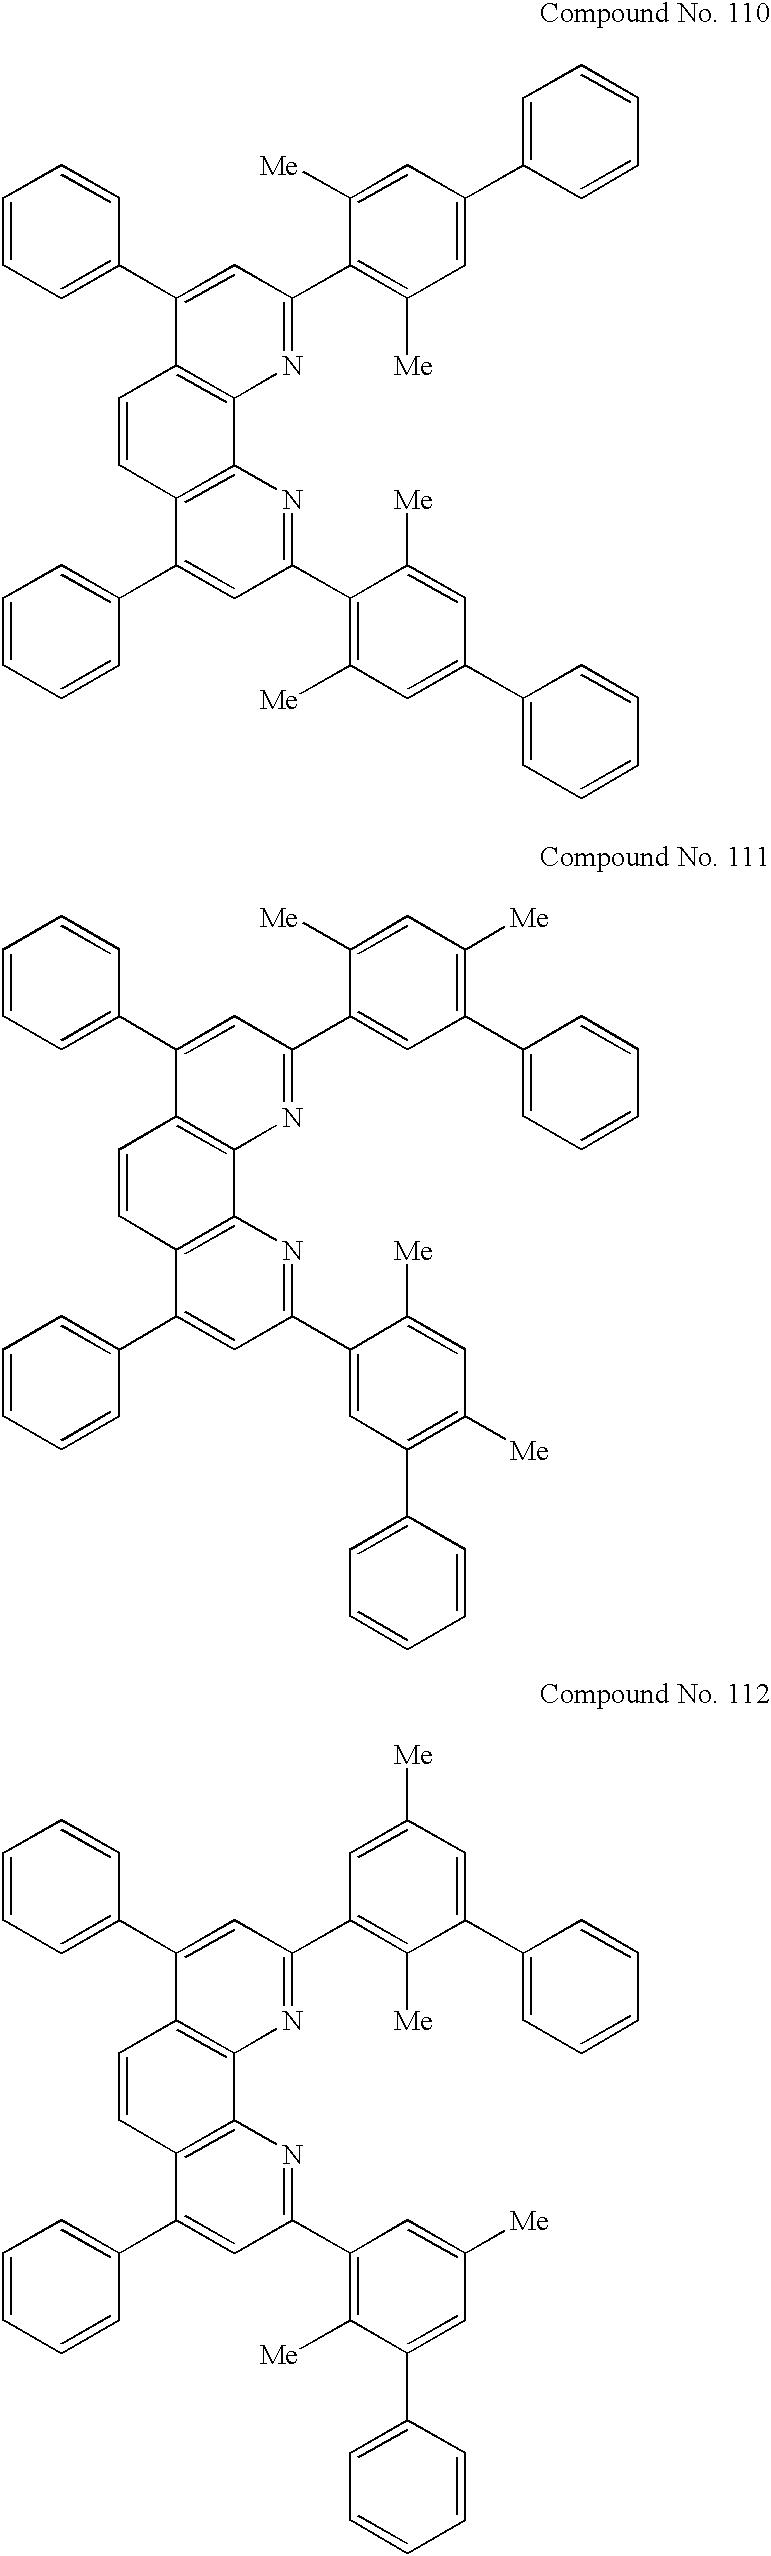 Figure US06524728-20030225-C00033